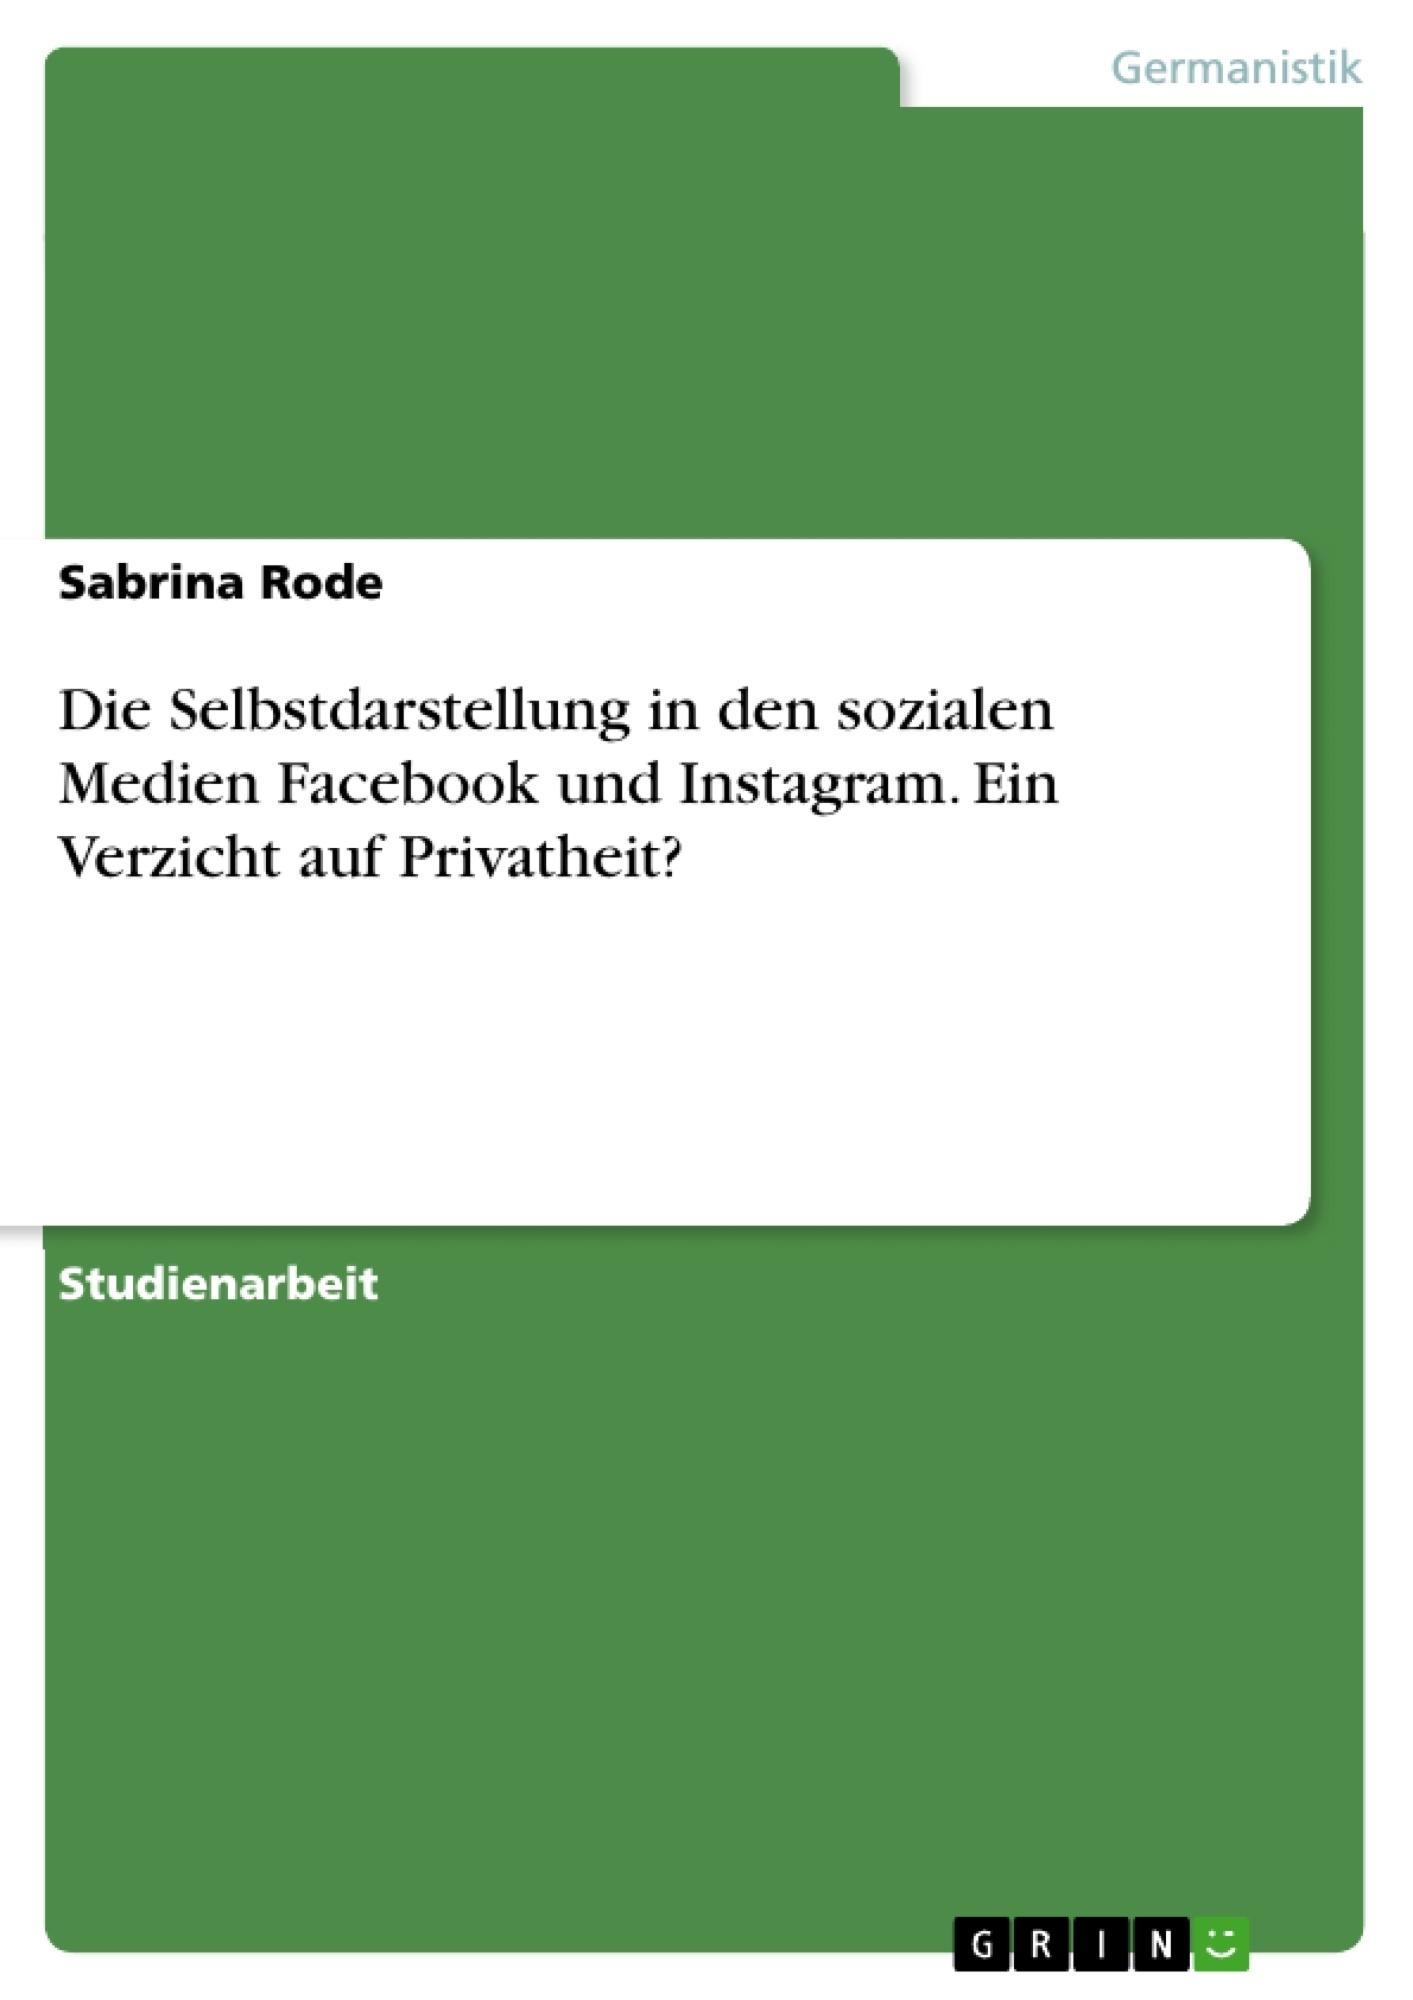 Titel: Die Selbstdarstellung in den sozialen Medien Facebook und Instagram. Ein Verzicht auf Privatheit?